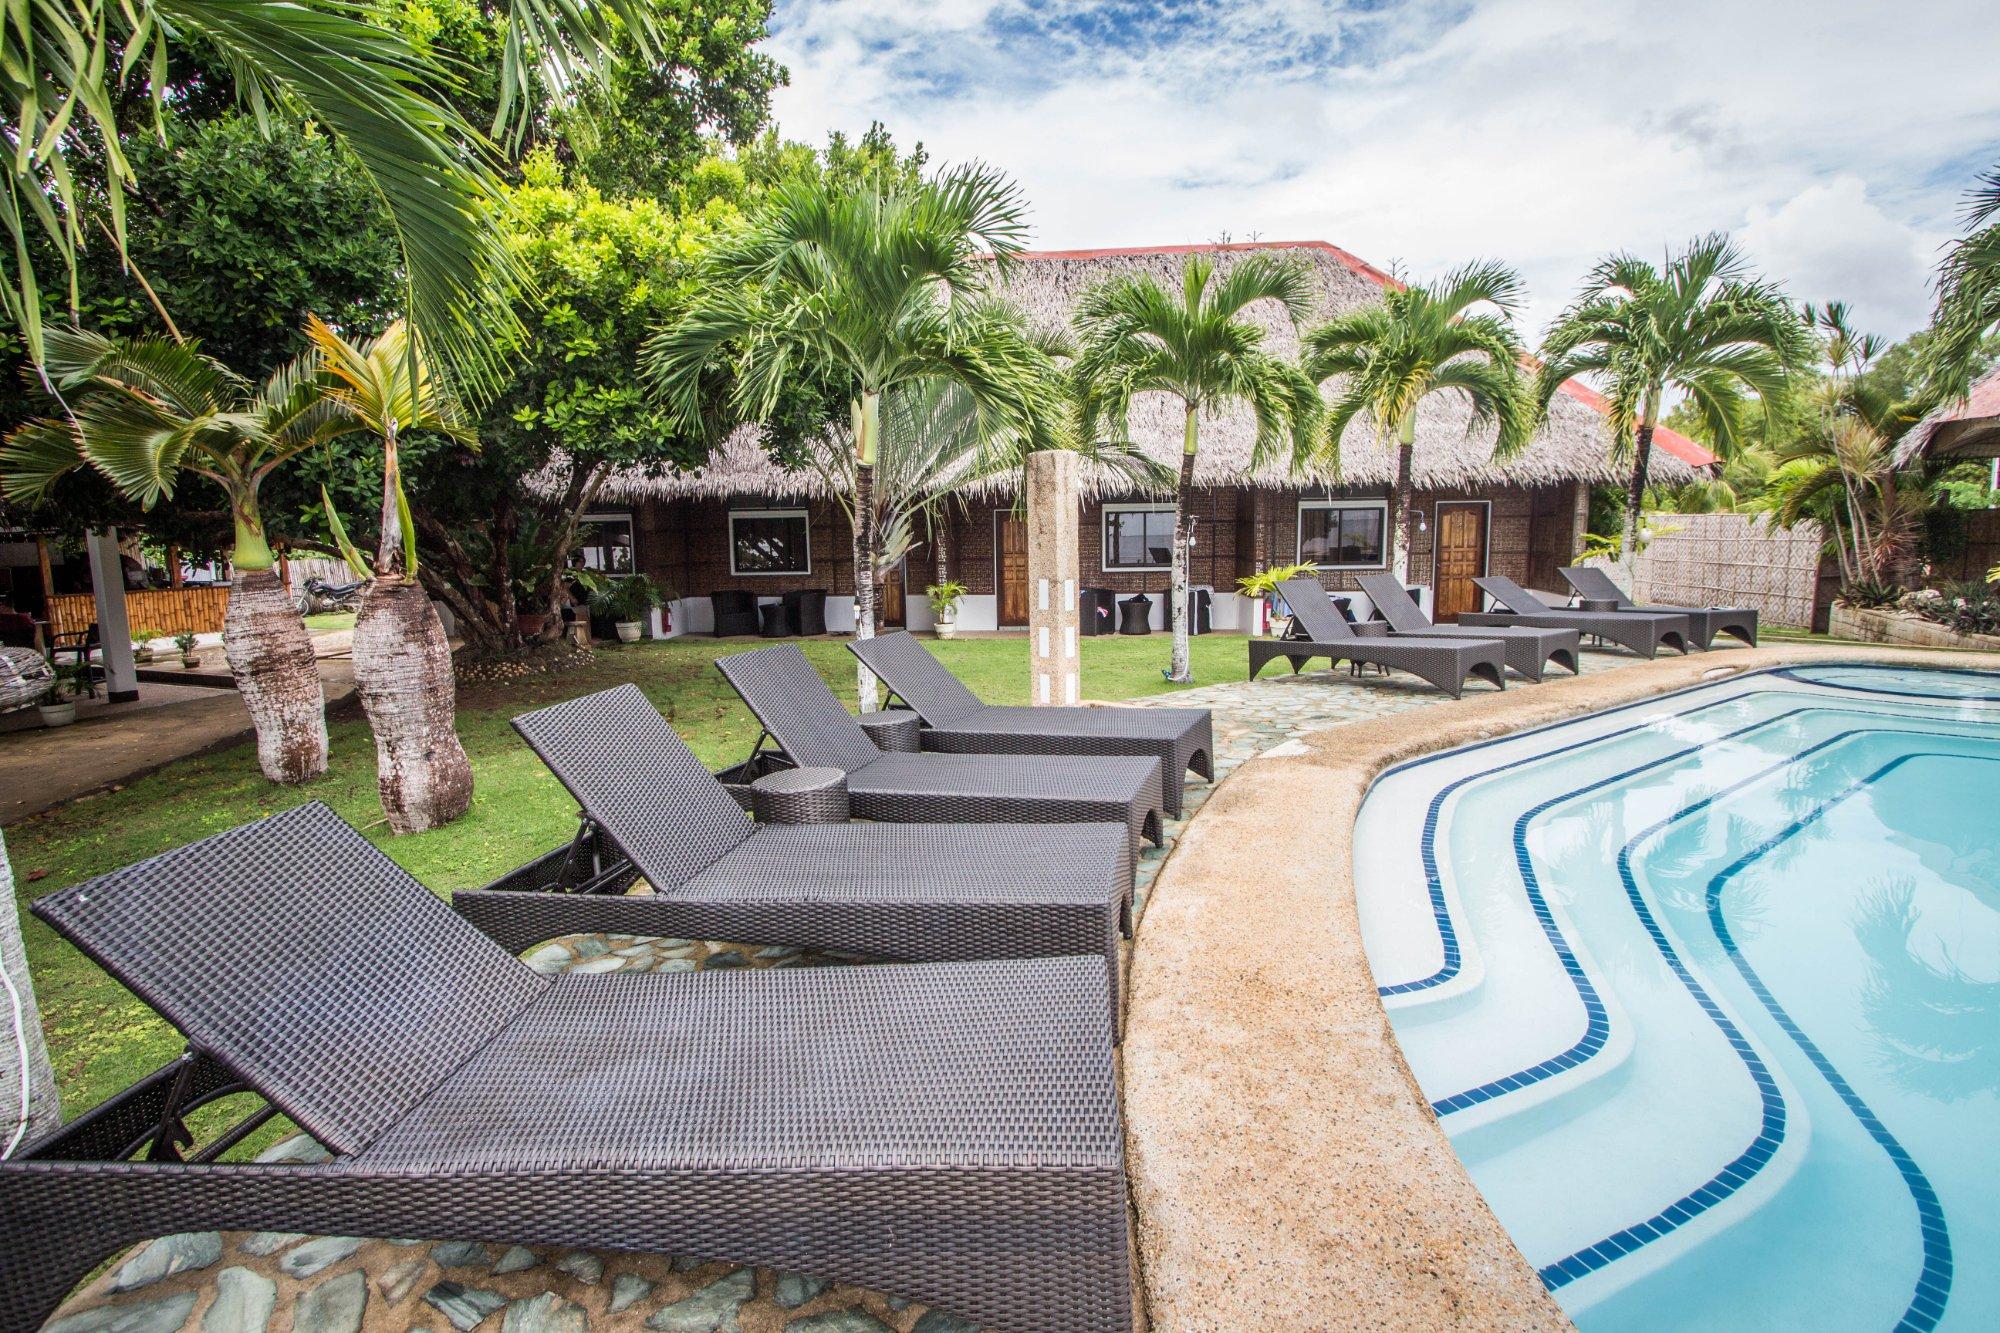 Cliffside Resort